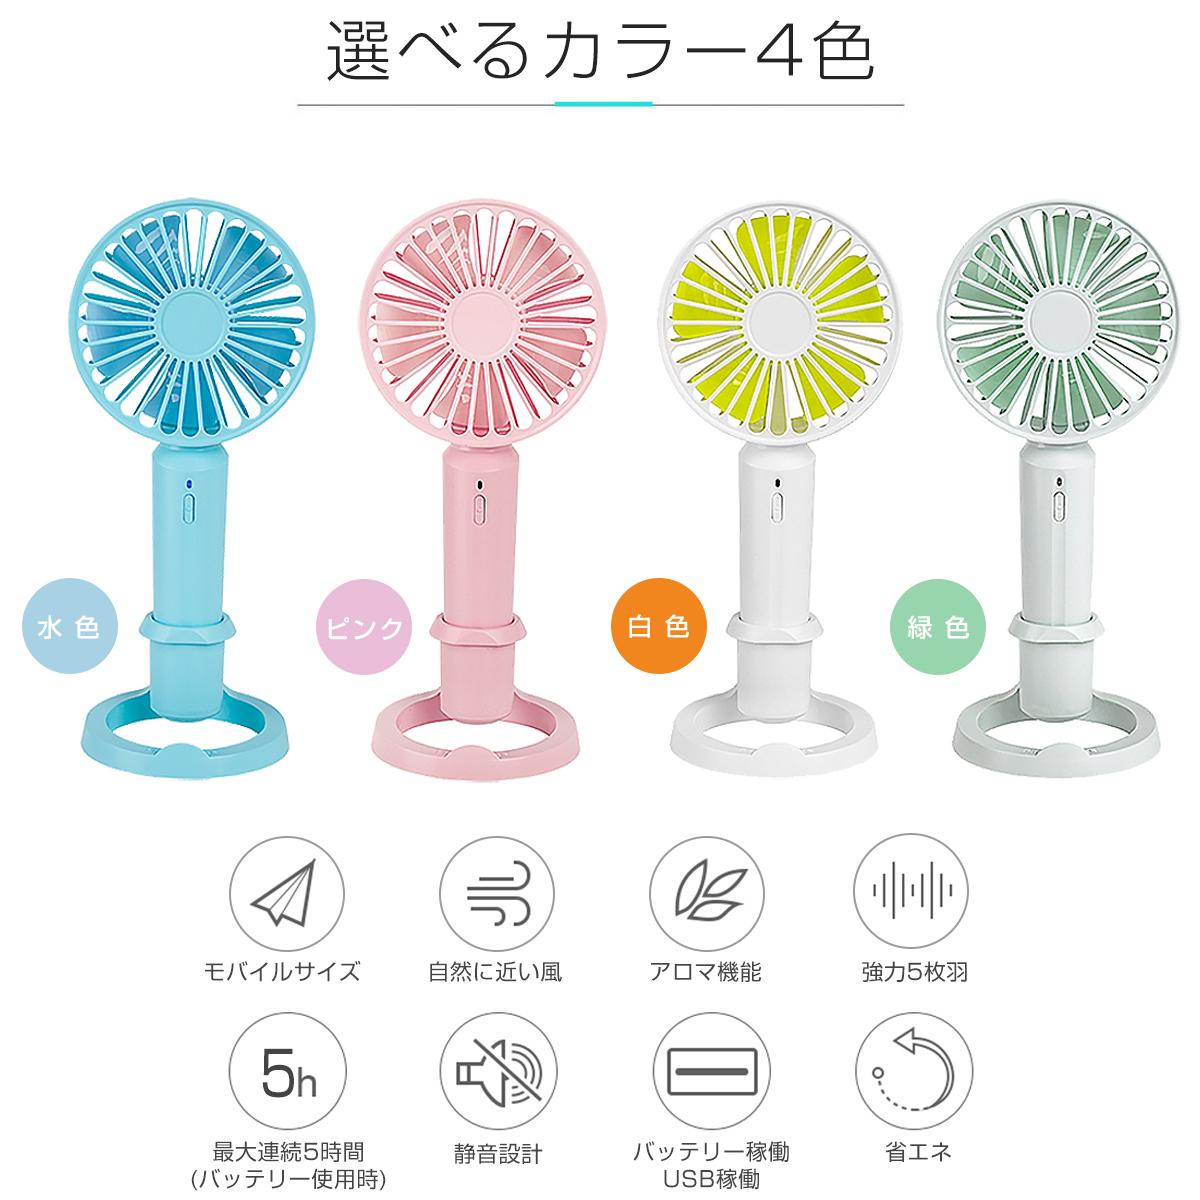 携帯扇風機 ハンディファン 選べる4色 USB扇風機 手持ち ミニ アロマ 軽量 静音 風量3段階 大風量 5枚羽根 熱中症対策 携帯 宅配便送料無料 1ヶ月保証 K&M